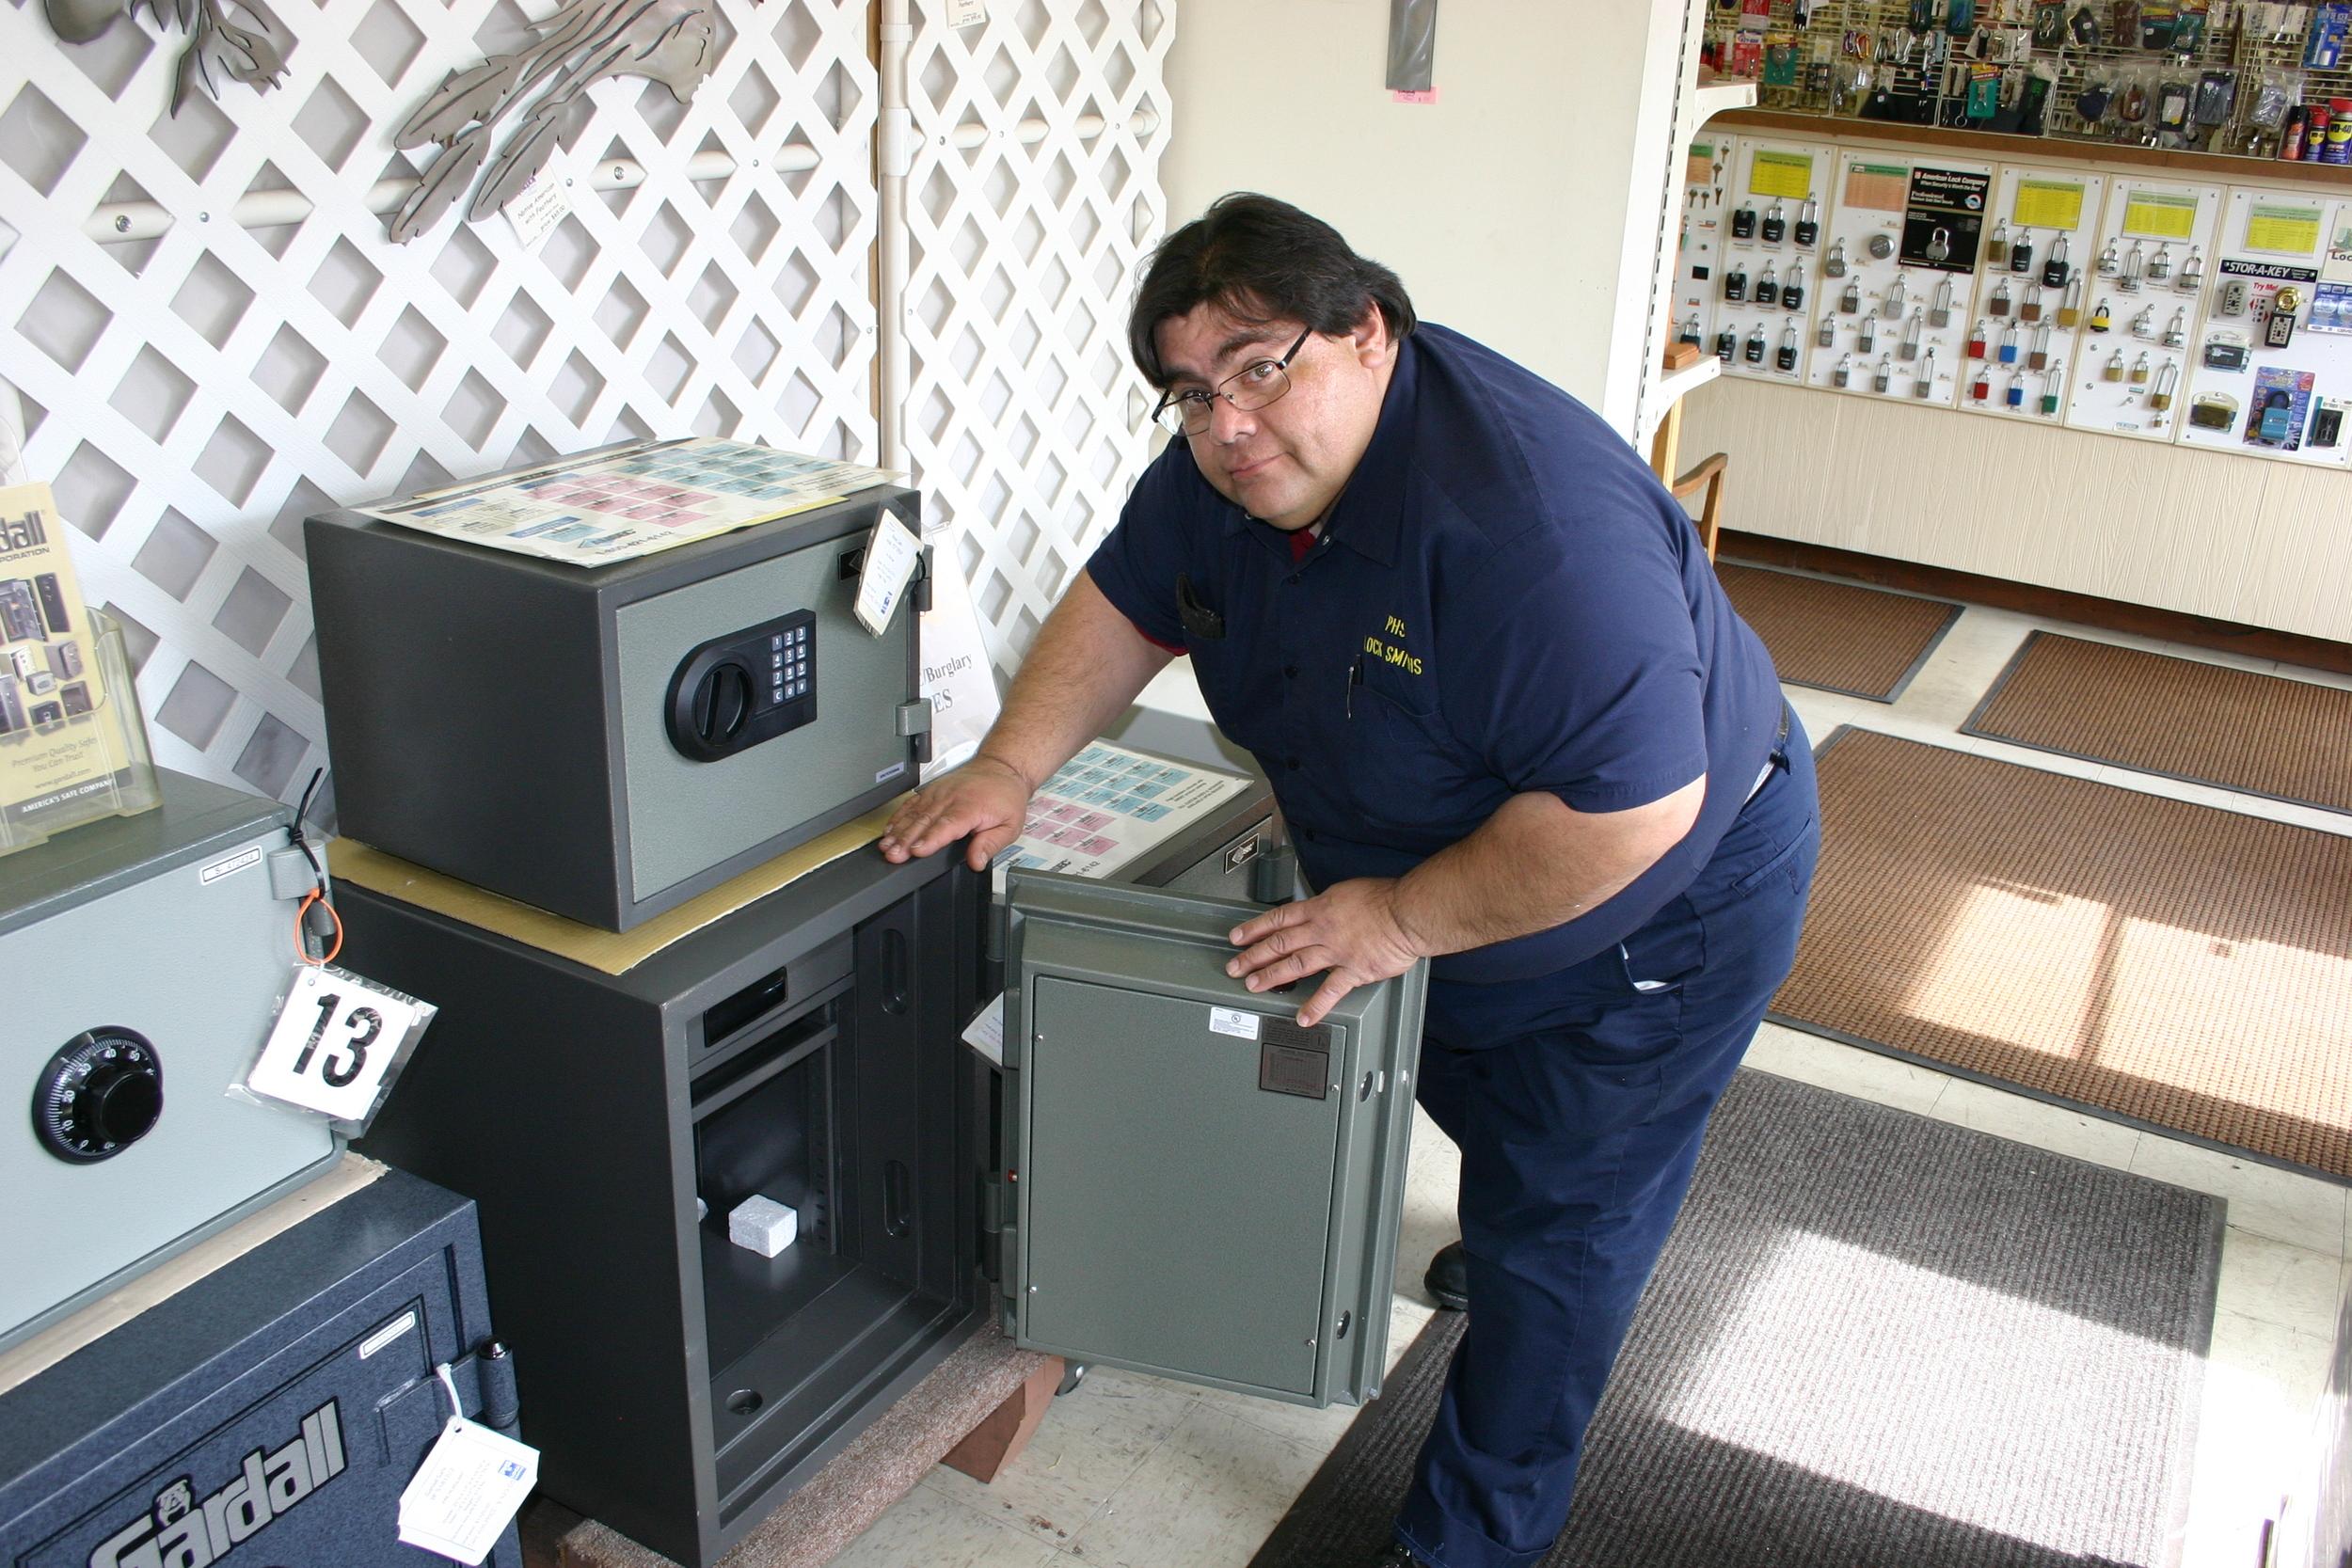 Fil showing safes.JPG